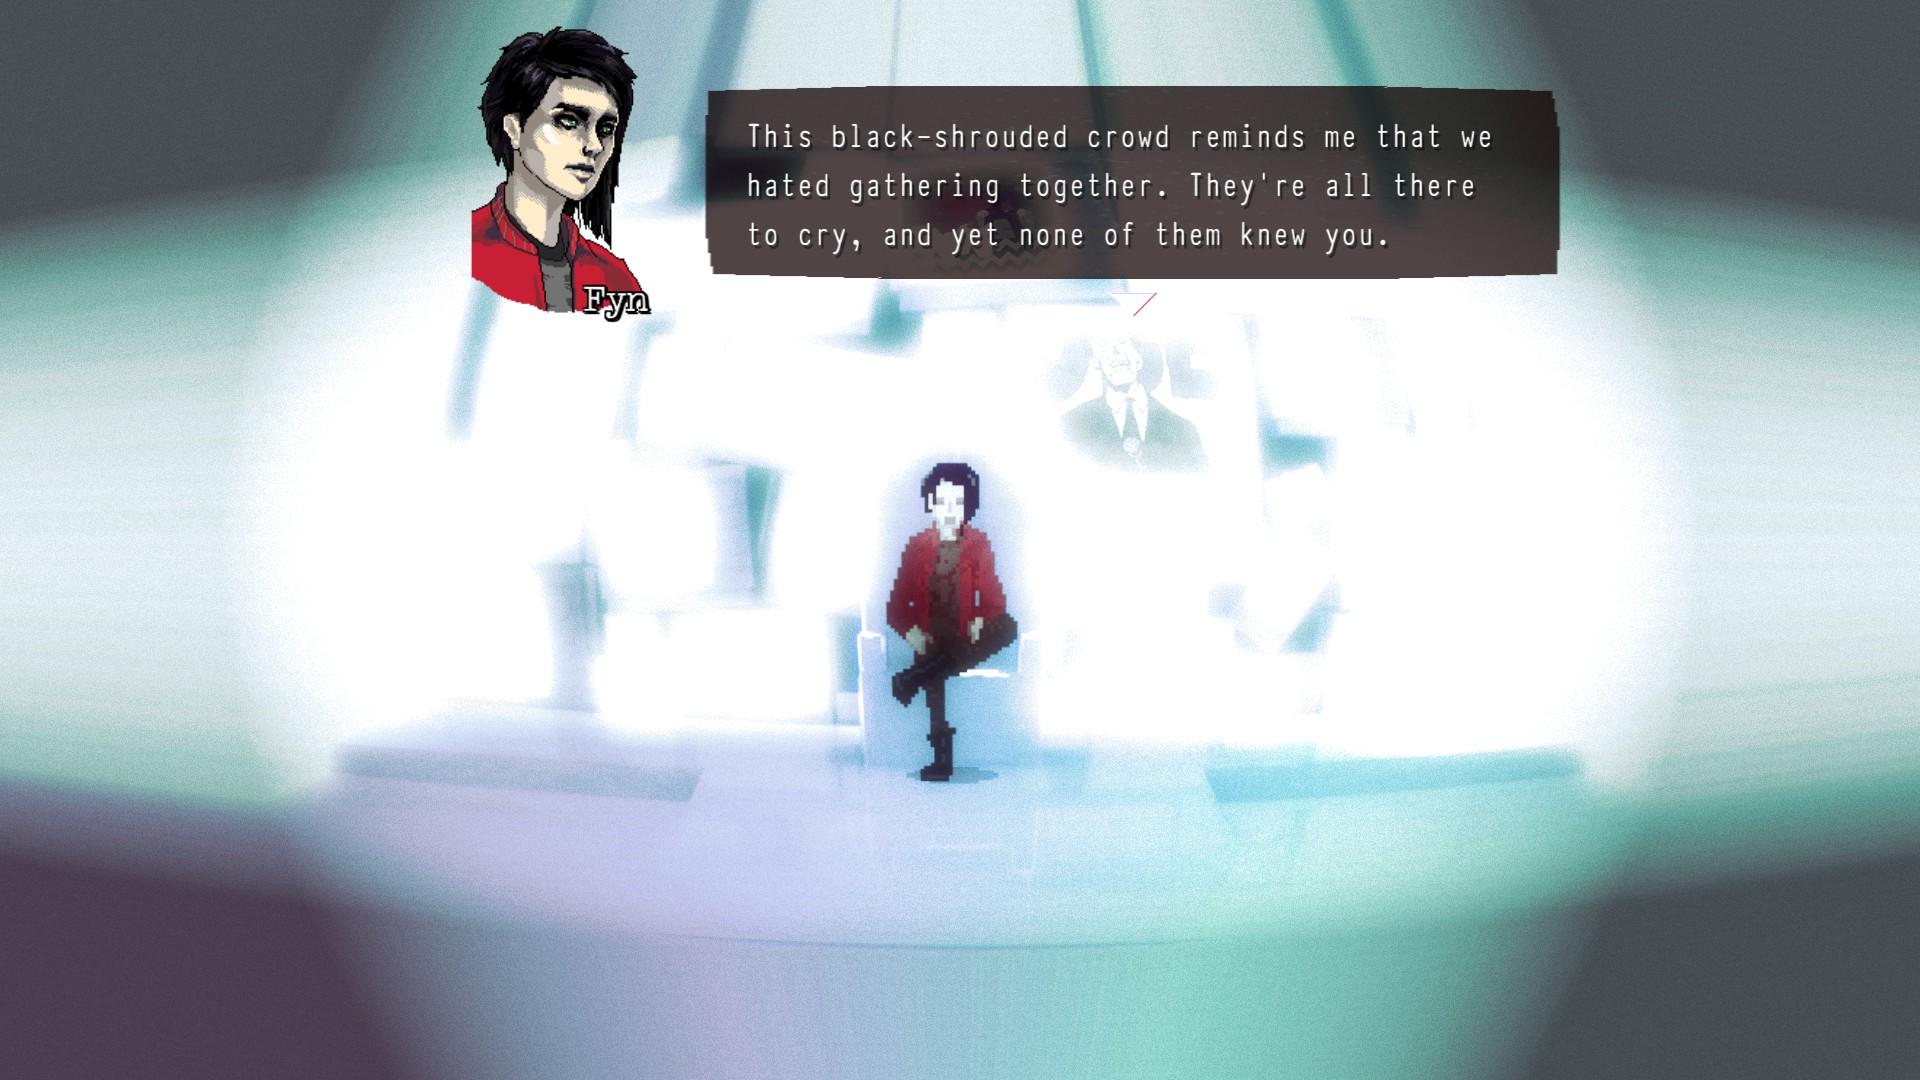 ひとつひとつの物語の最後にこのカットシーンが入り、Fyn自身による失われた記憶の独白が行われる。